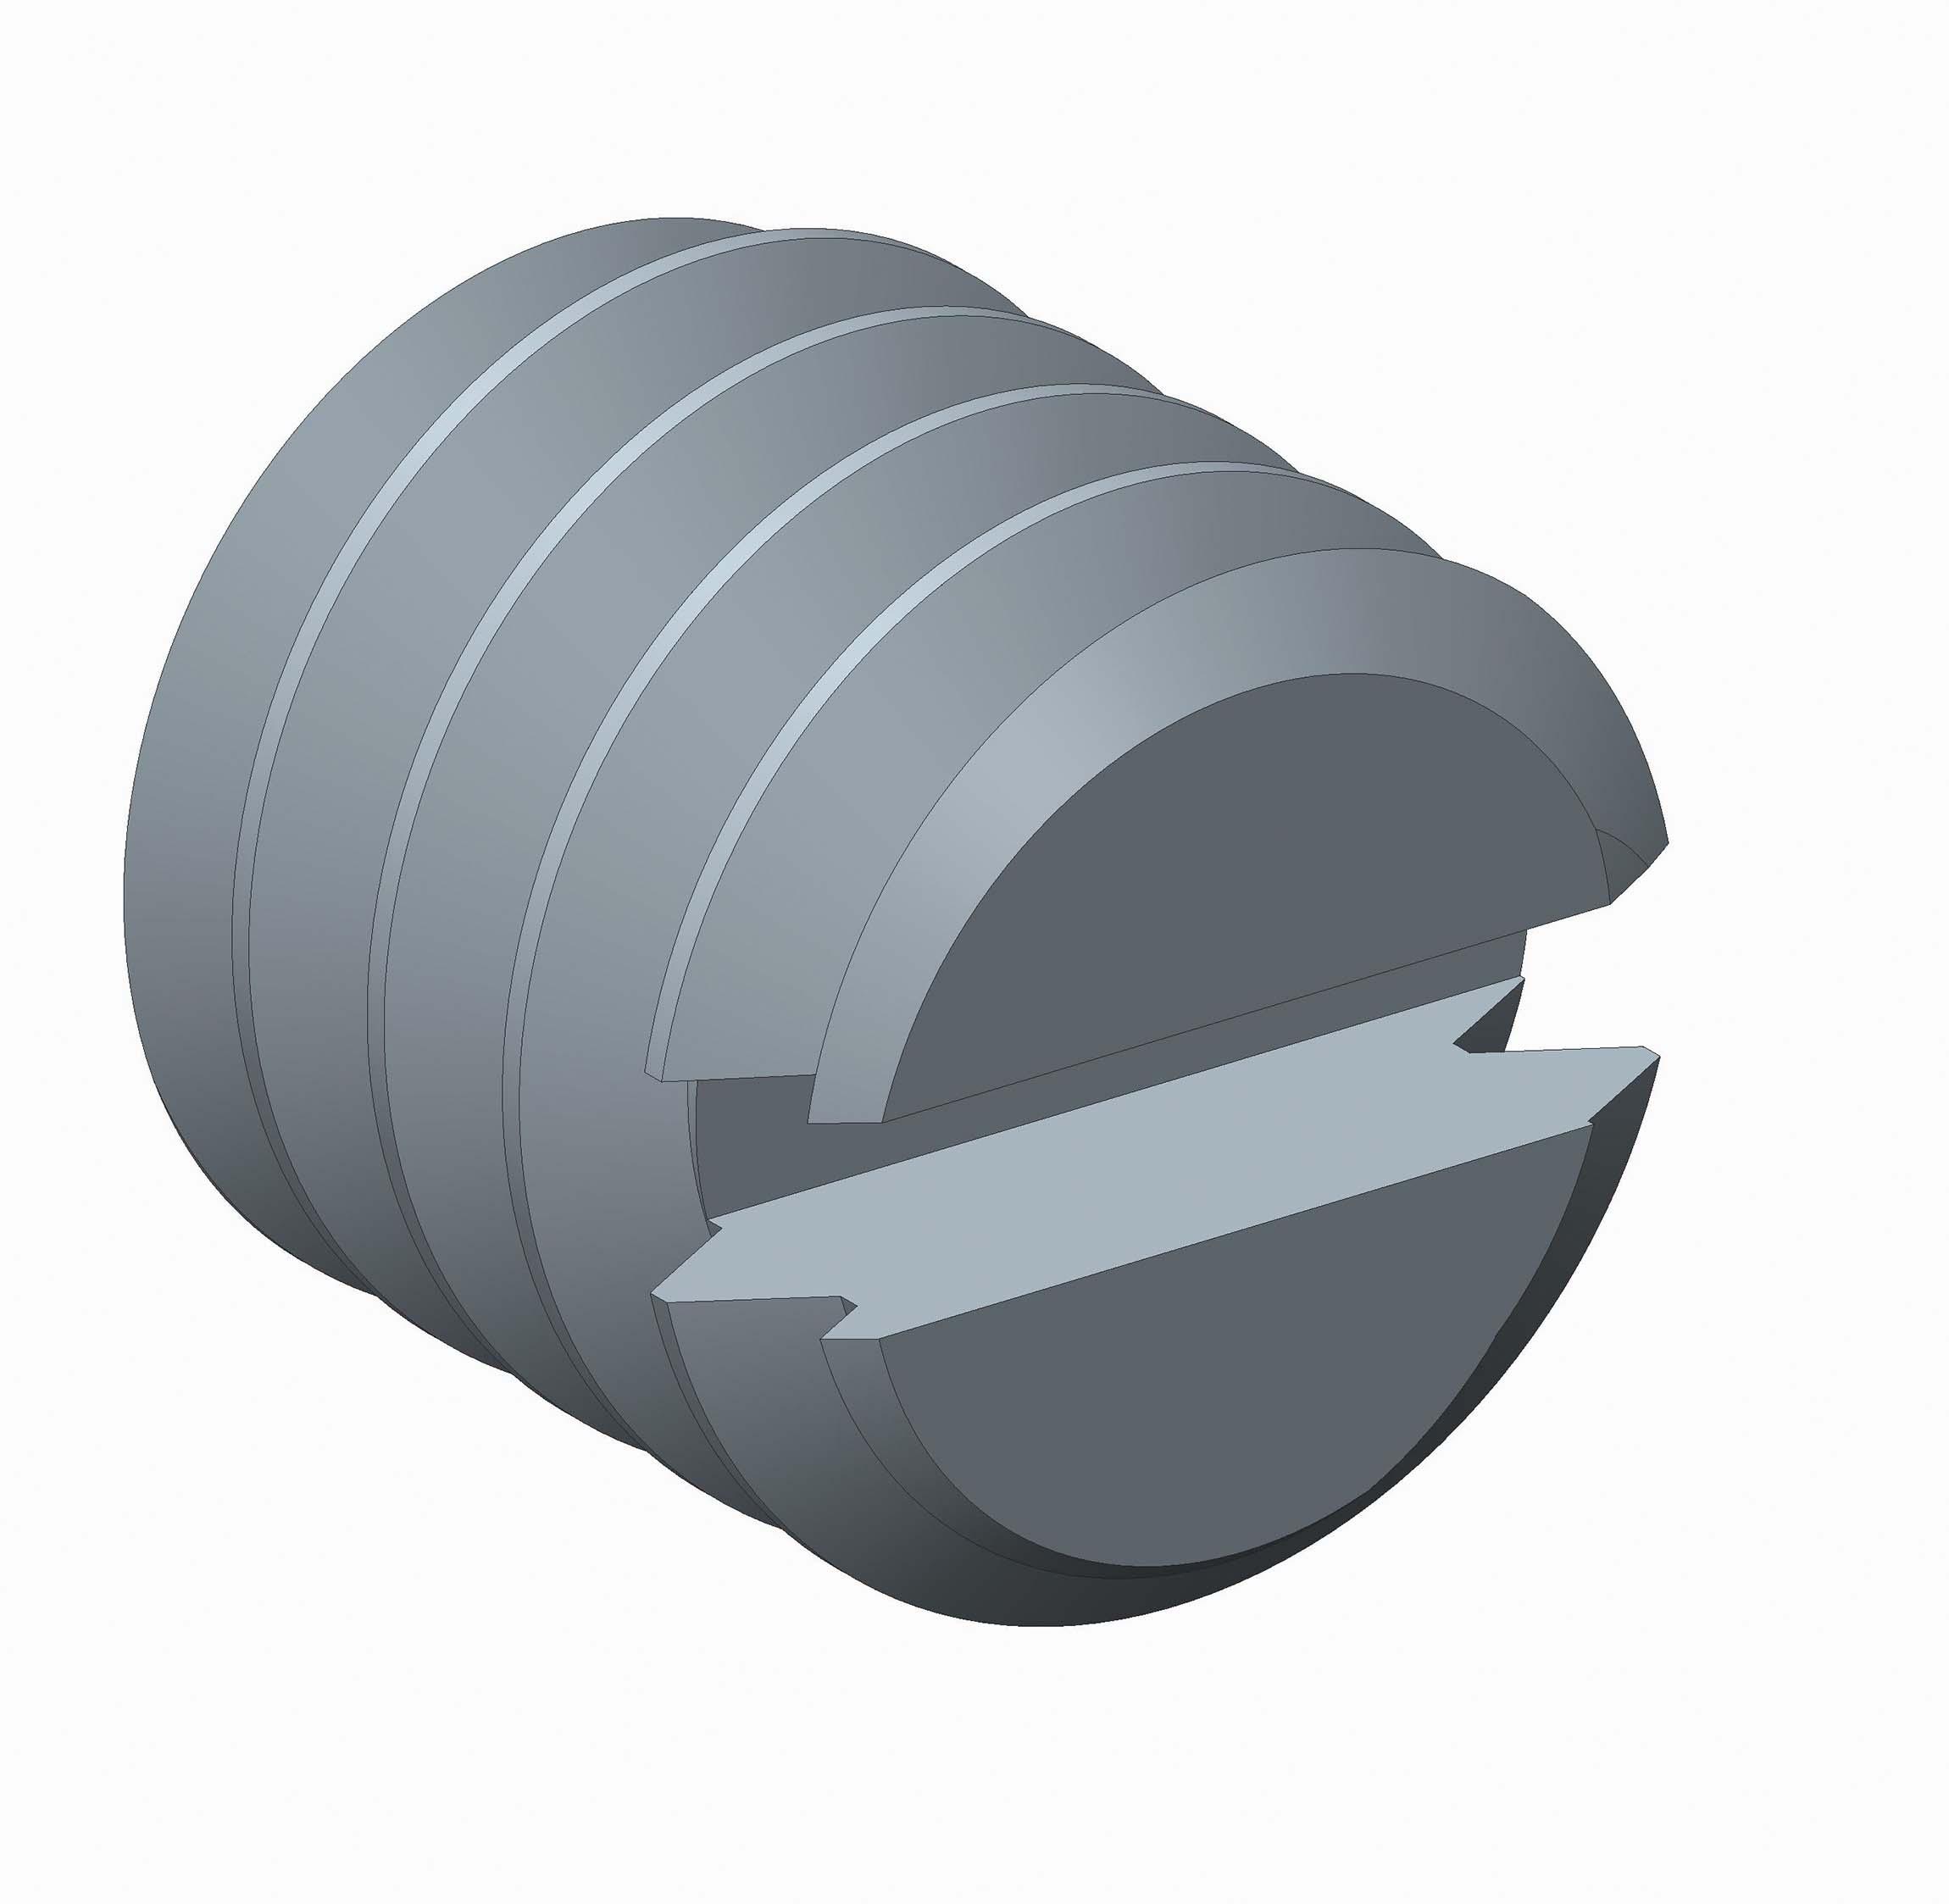 Optics Fastener Kit - 142434 plug